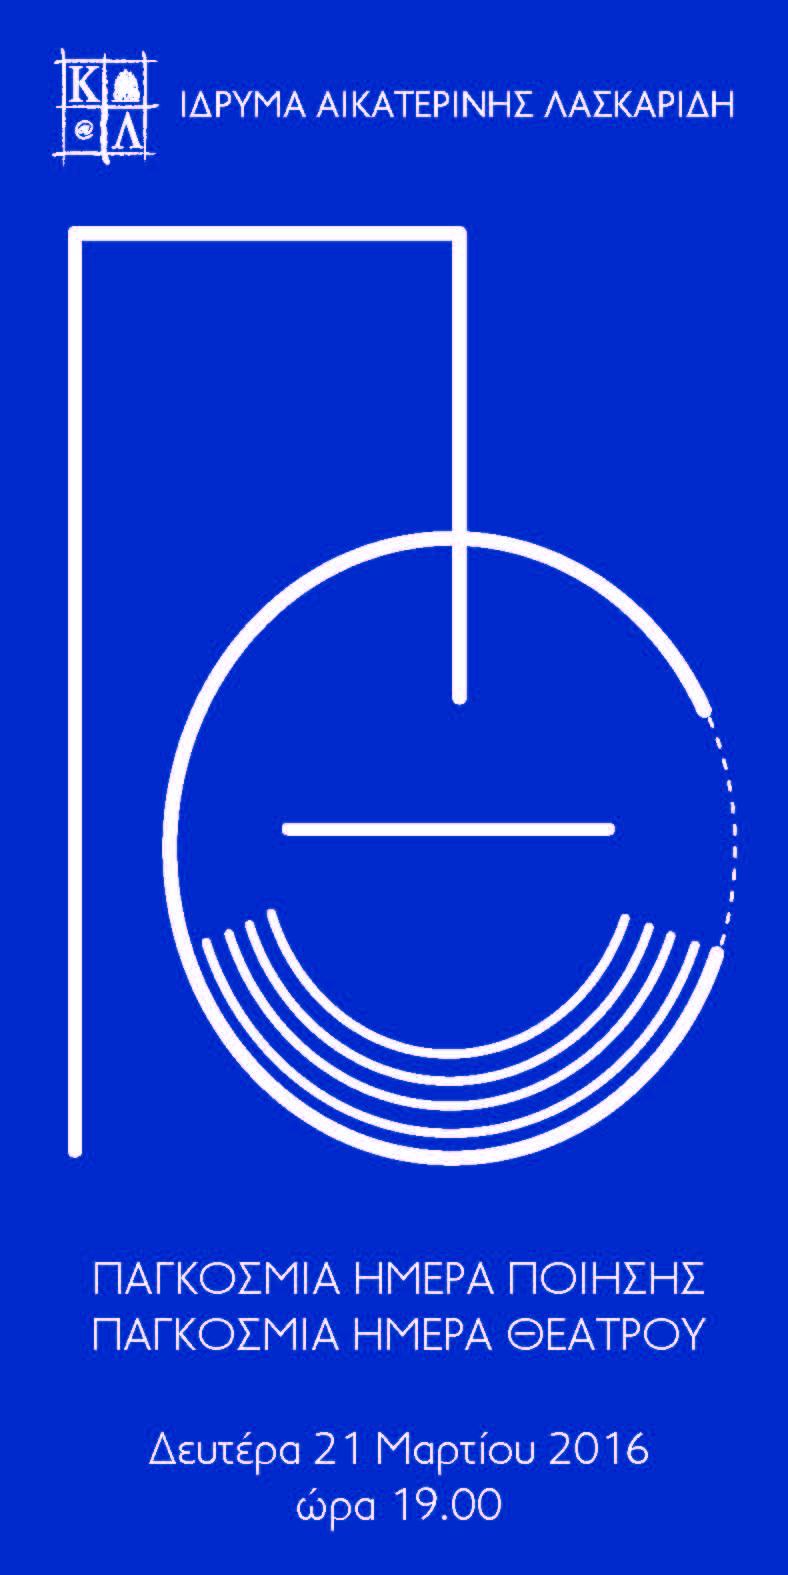 Το «Ίδρυμα Αικατερίνης Λασκαρίδη» γιορτάζει μαζί τις Παγκόσμιες Ημέρες Ποίησης και Θεάτρου